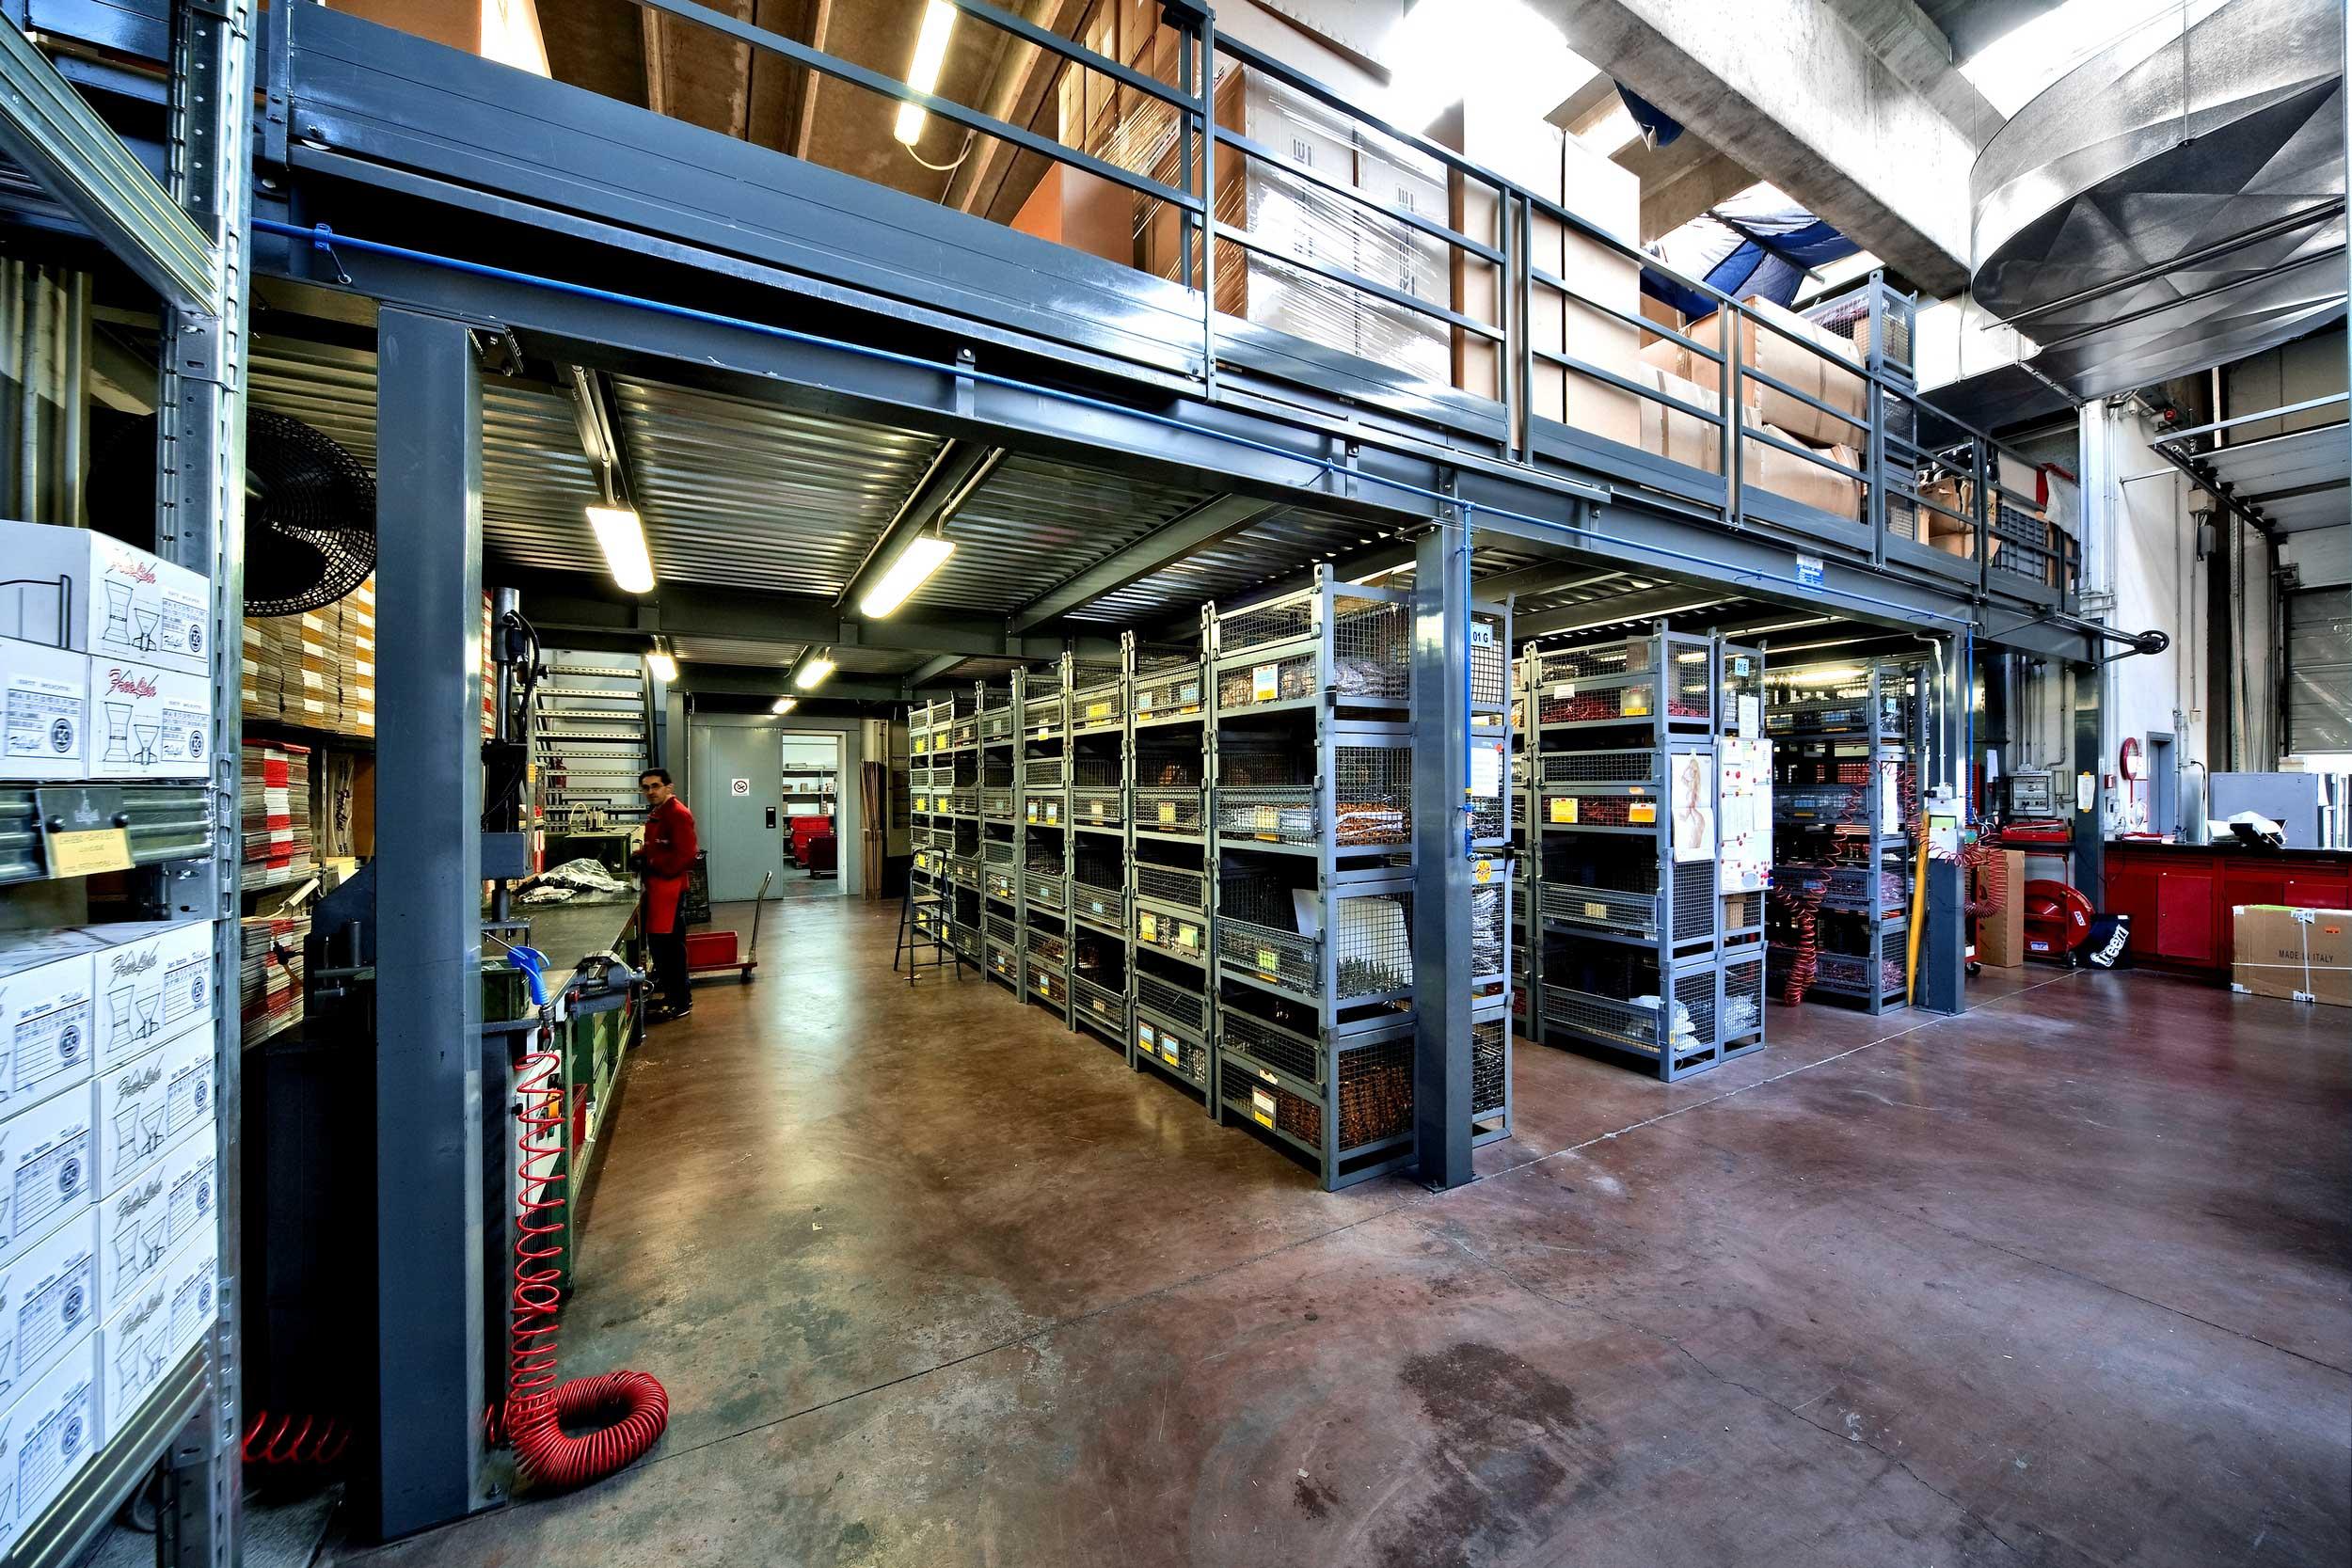 SAMIT progetta e realizza soppalchi industriali in ferro di ogni genere su misura per qualsiasi ambiente